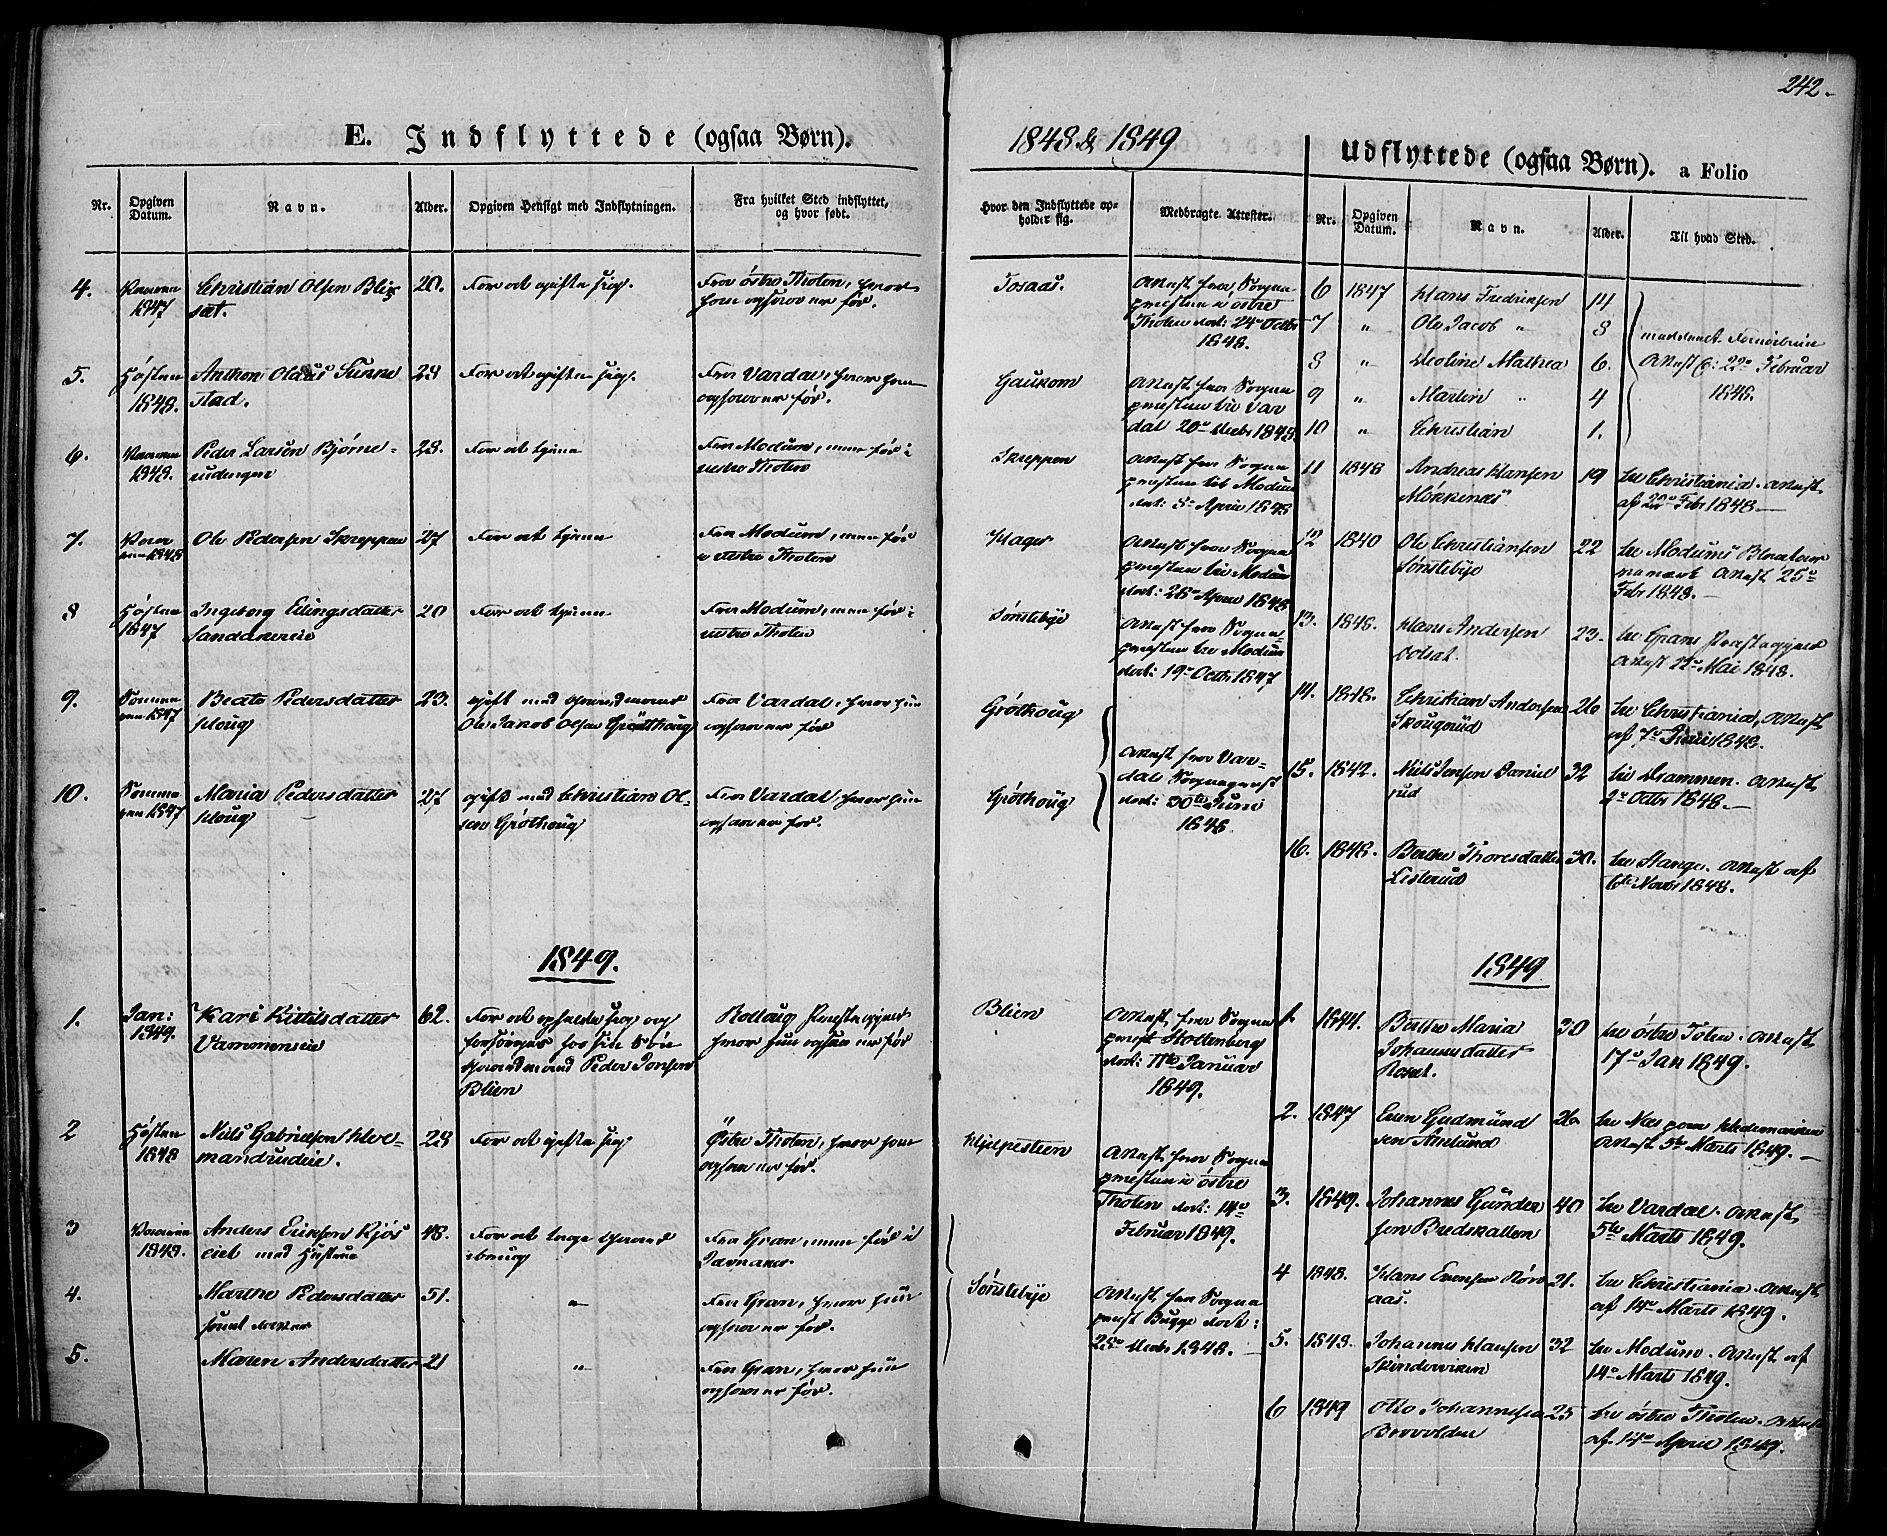 SAH, Vestre Toten prestekontor, Ministerialbok nr. 4, 1844-1849, s. 242